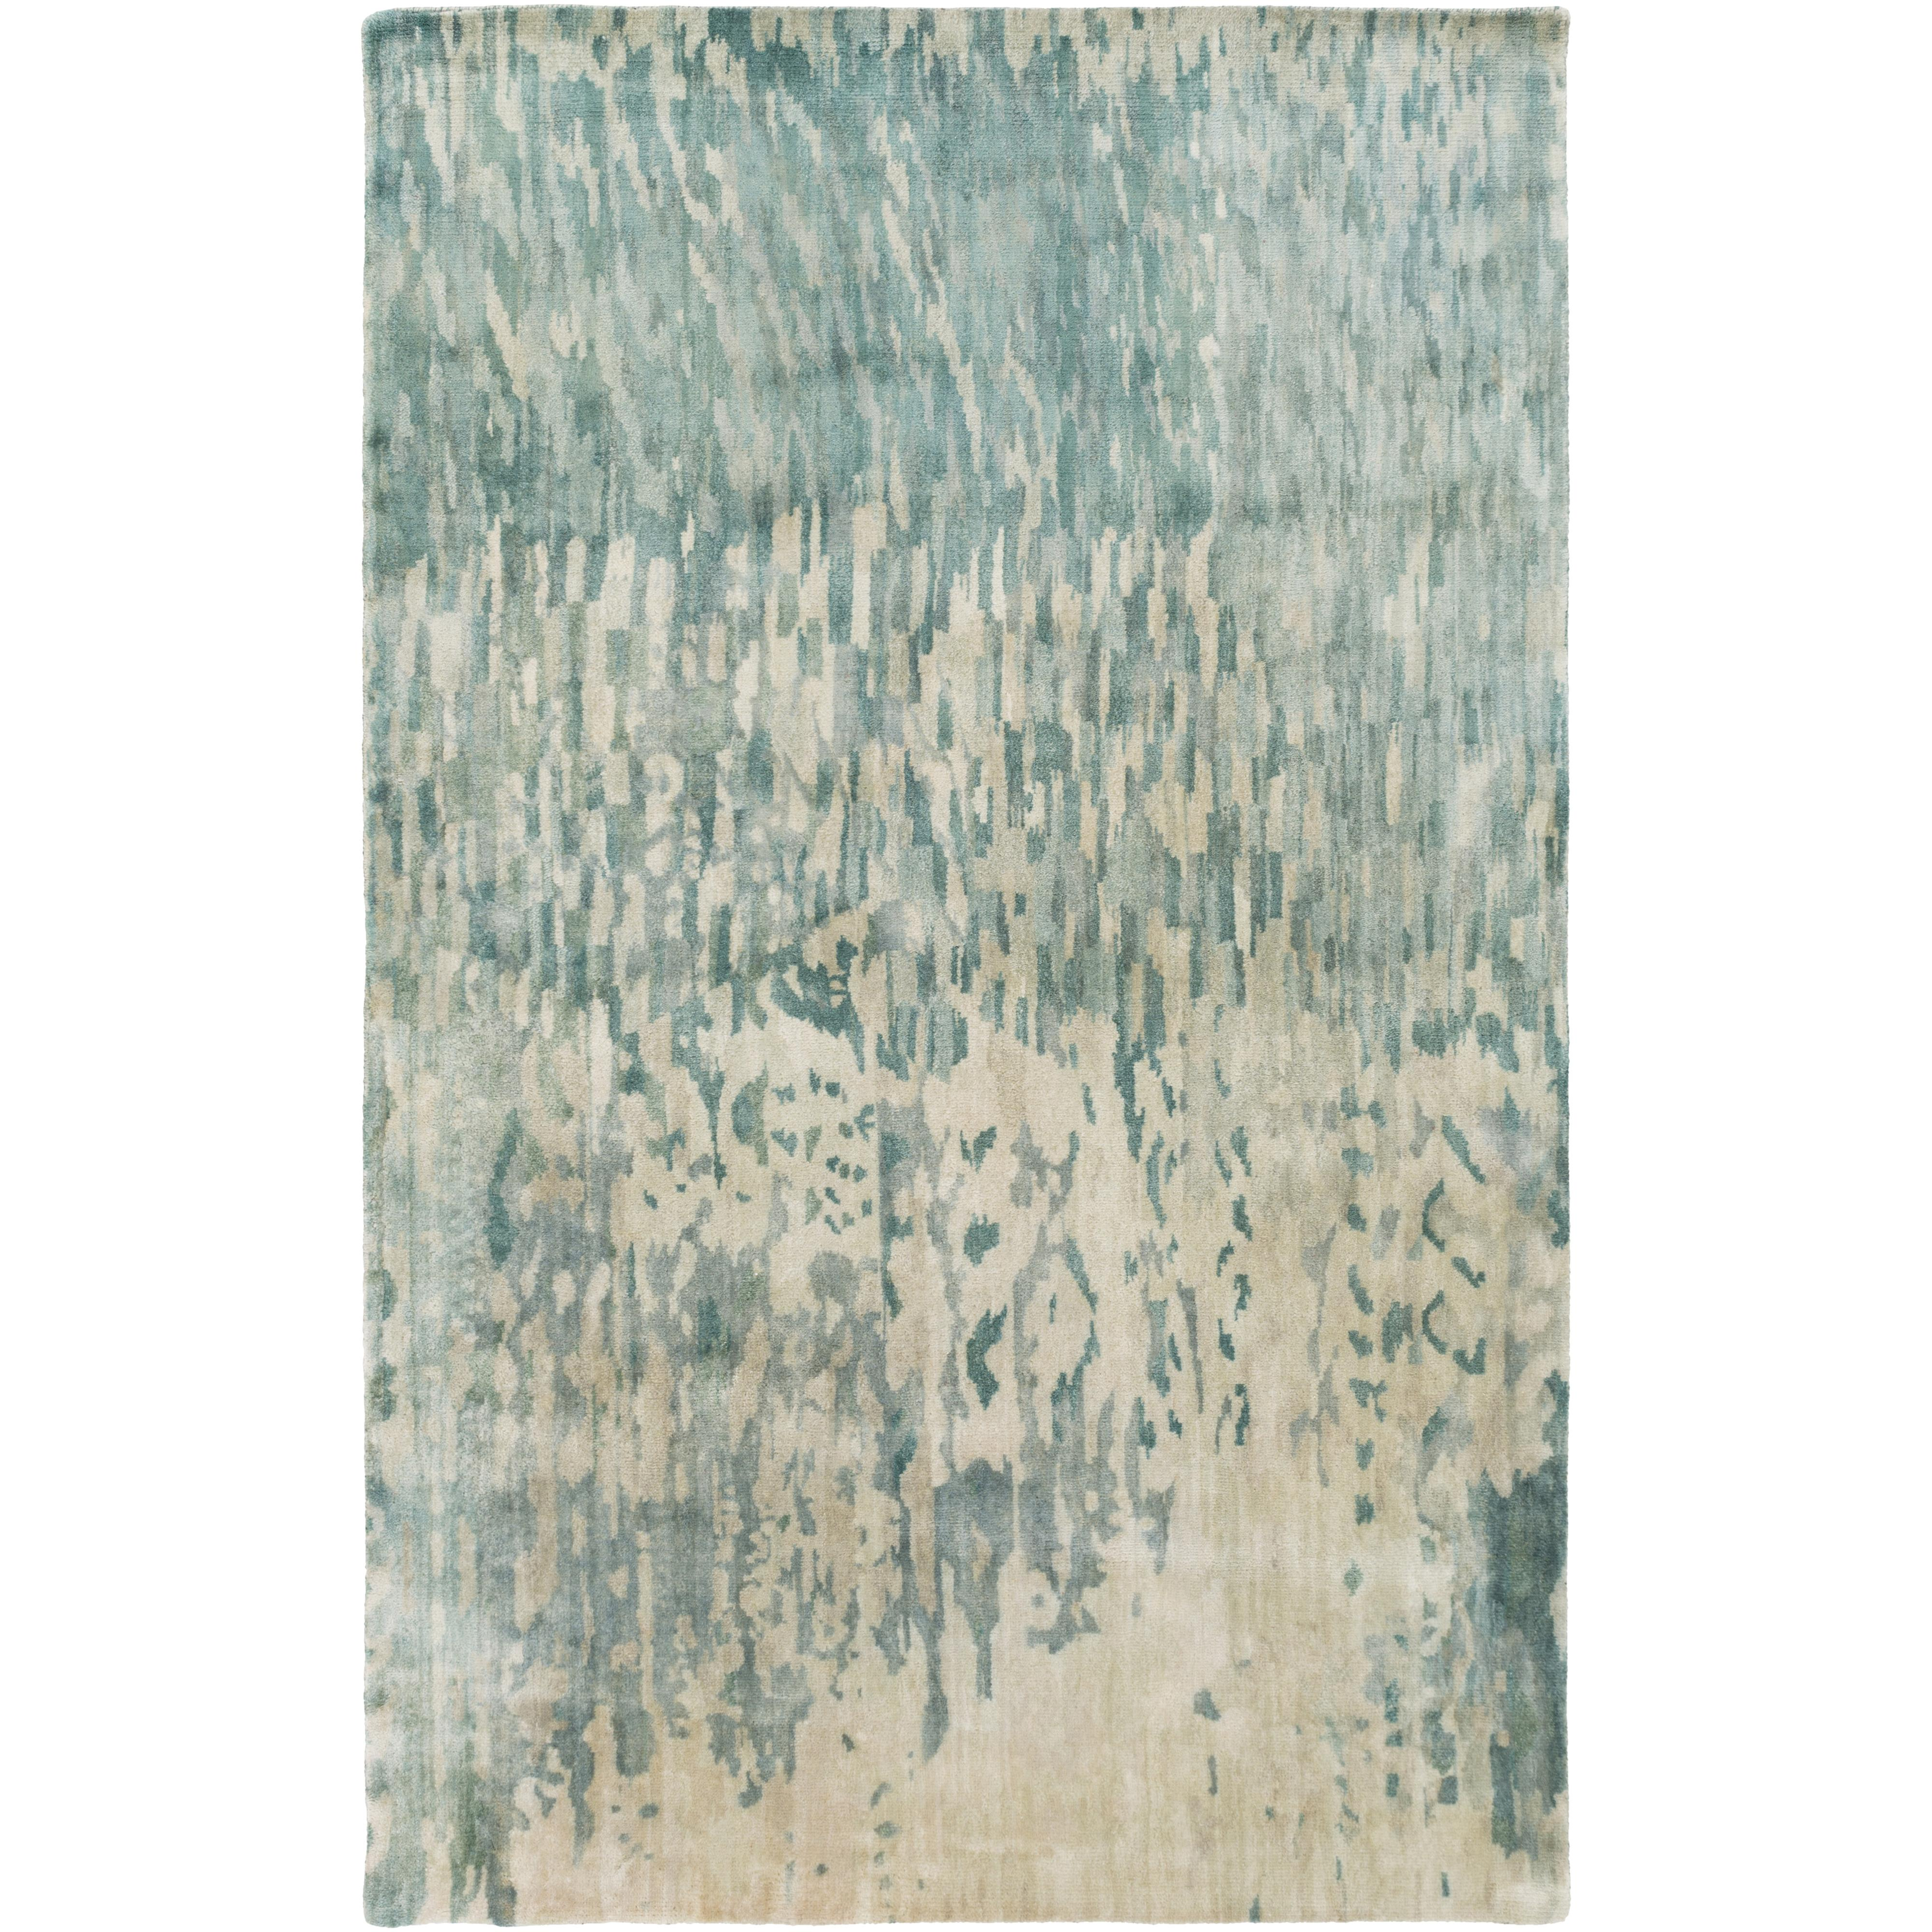 Surya Watercolor 5' x 8' - Item Number: WAT5004-58